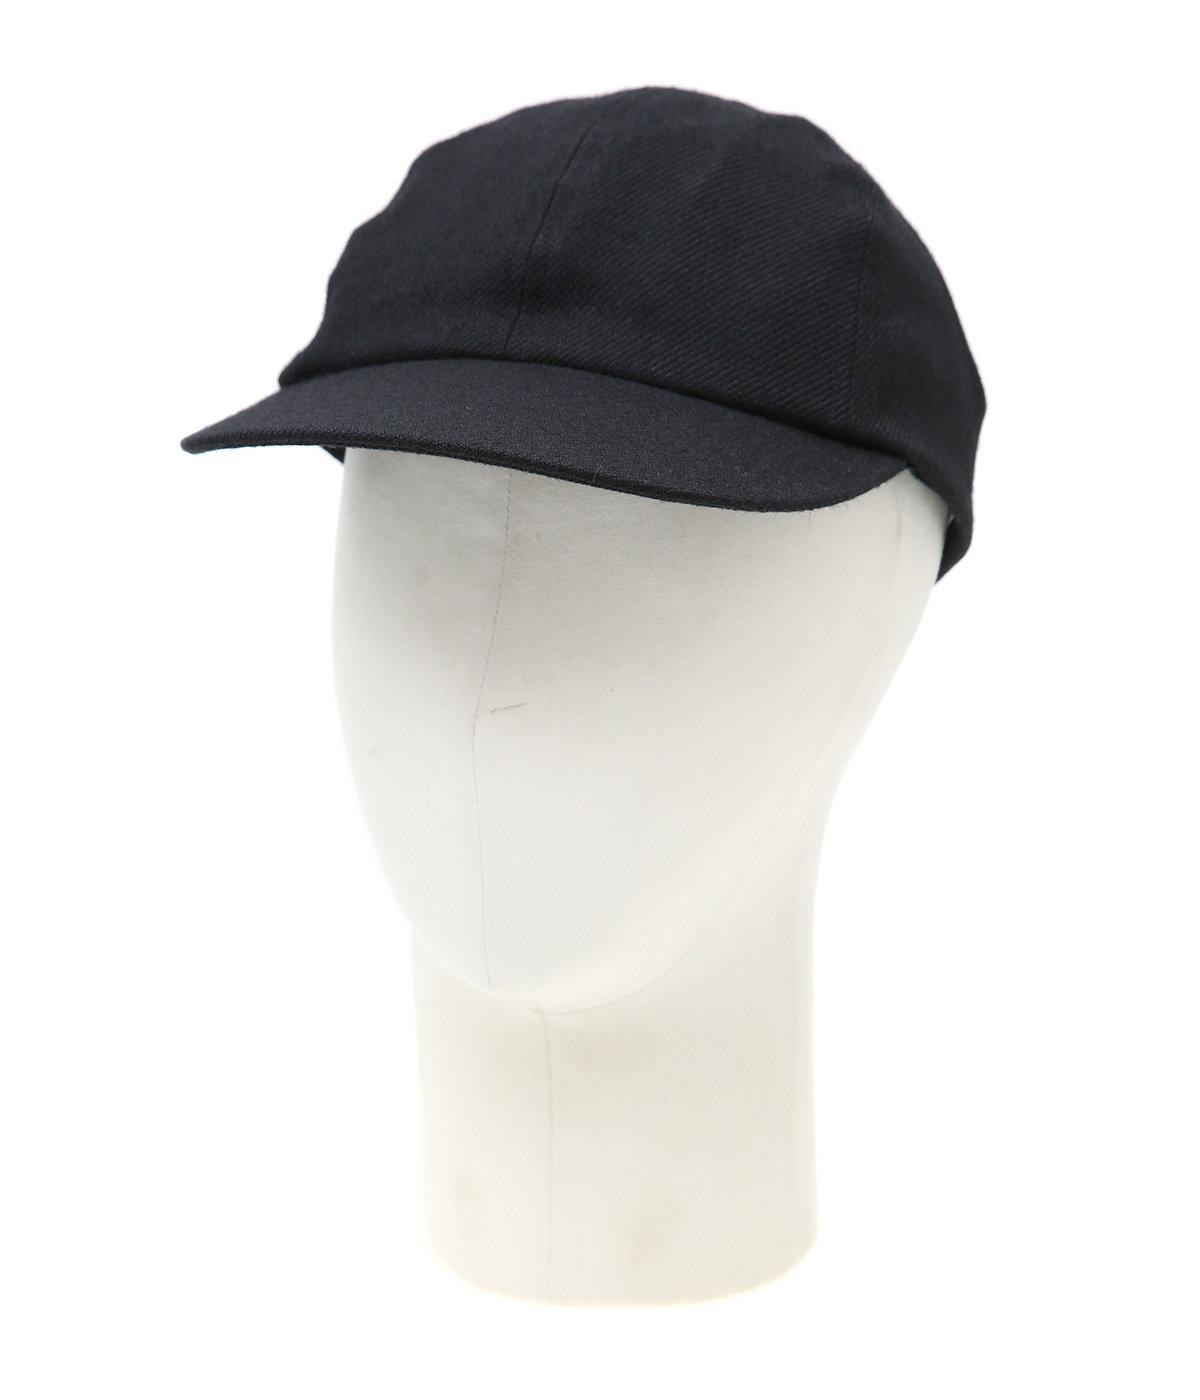 WOOL TWILL CAP